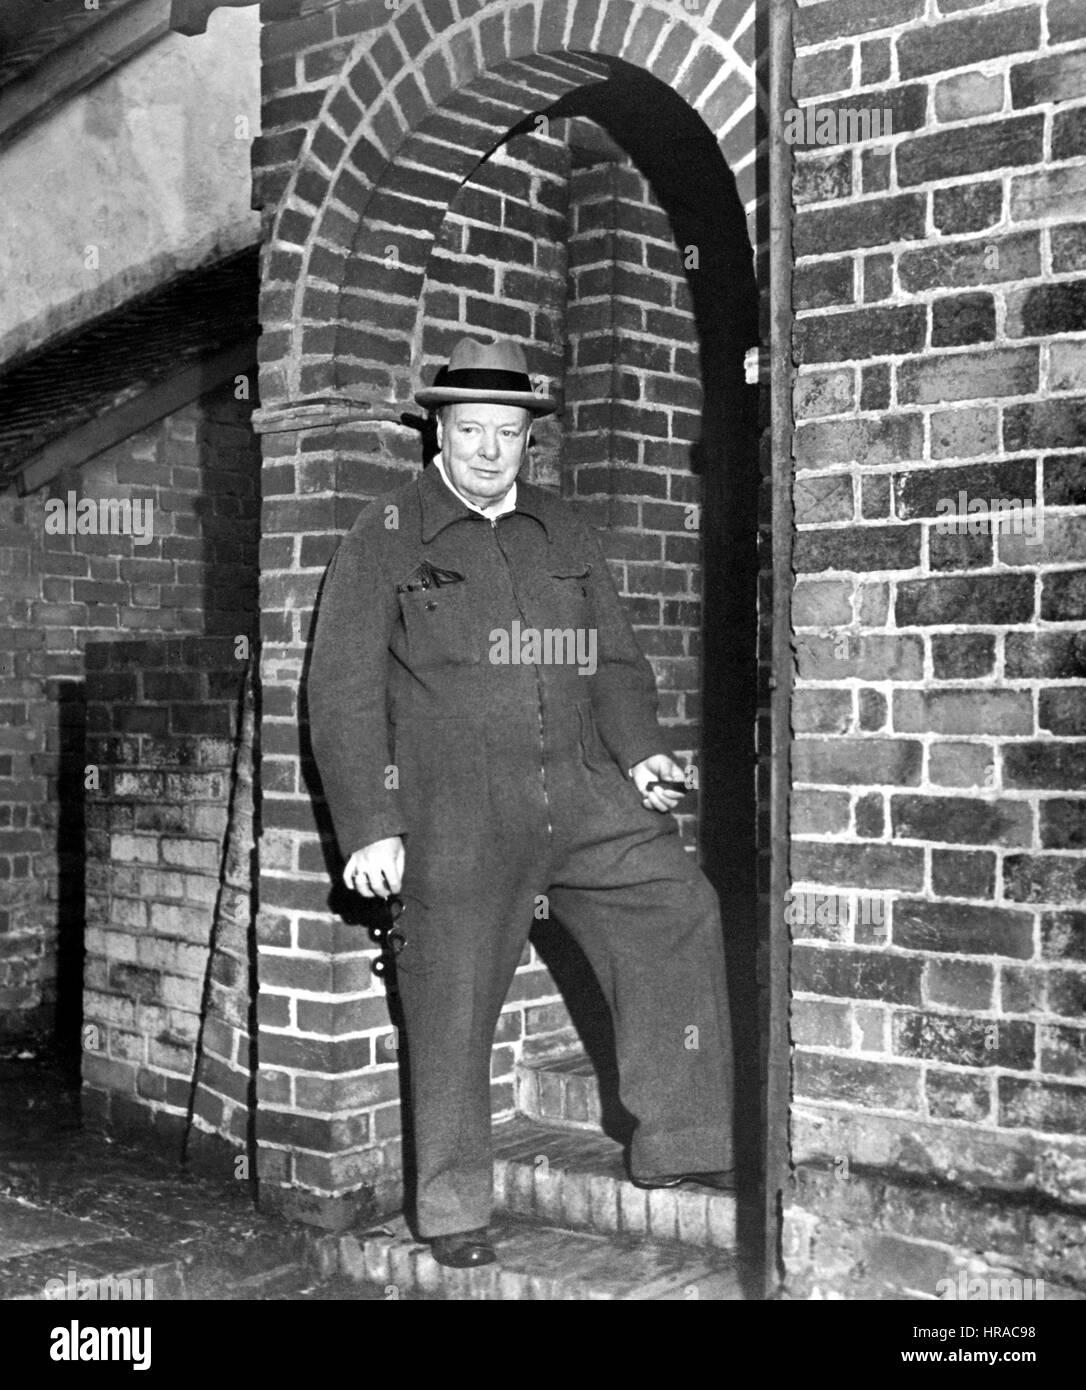 De Stockamp; Fotos Imágenes Siren Alamy Suit OPkZTiXu